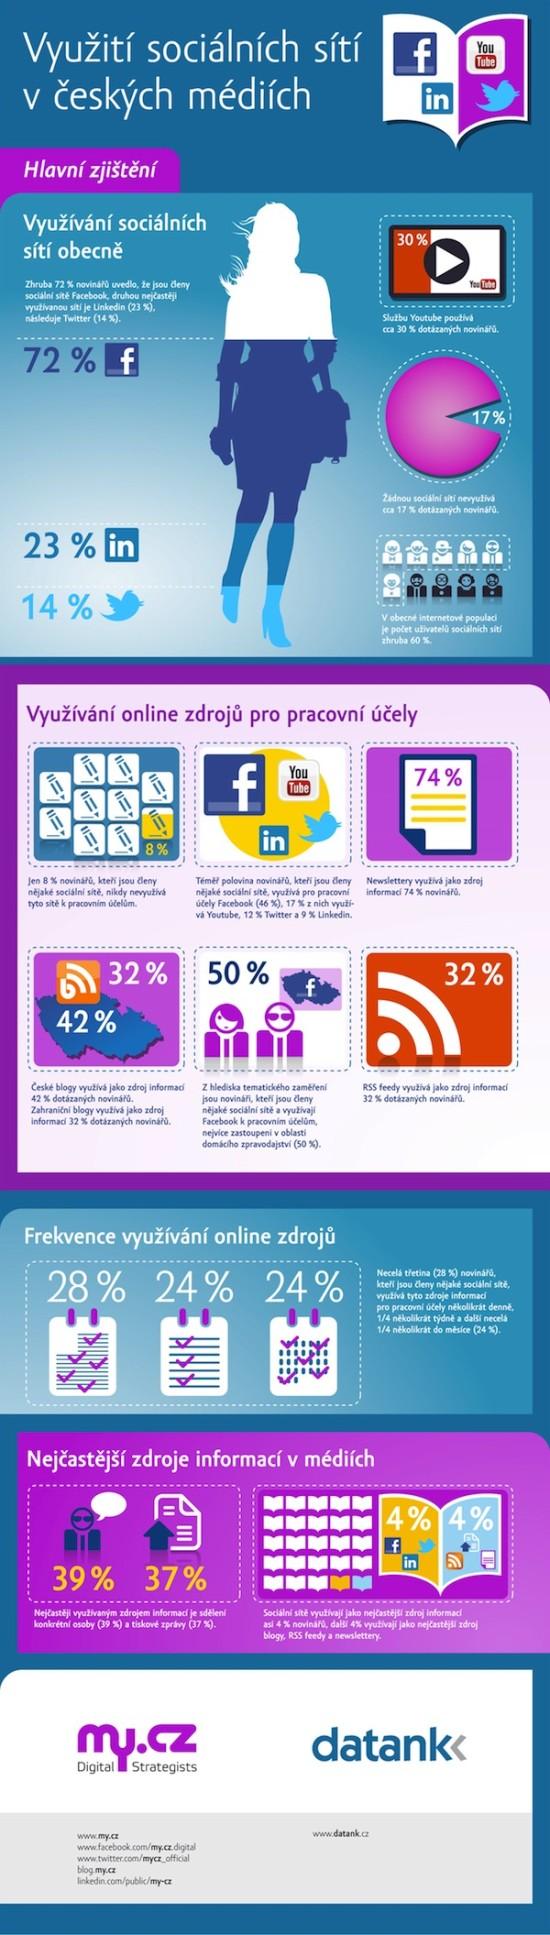 Využití sociálních sítí v českých médiích